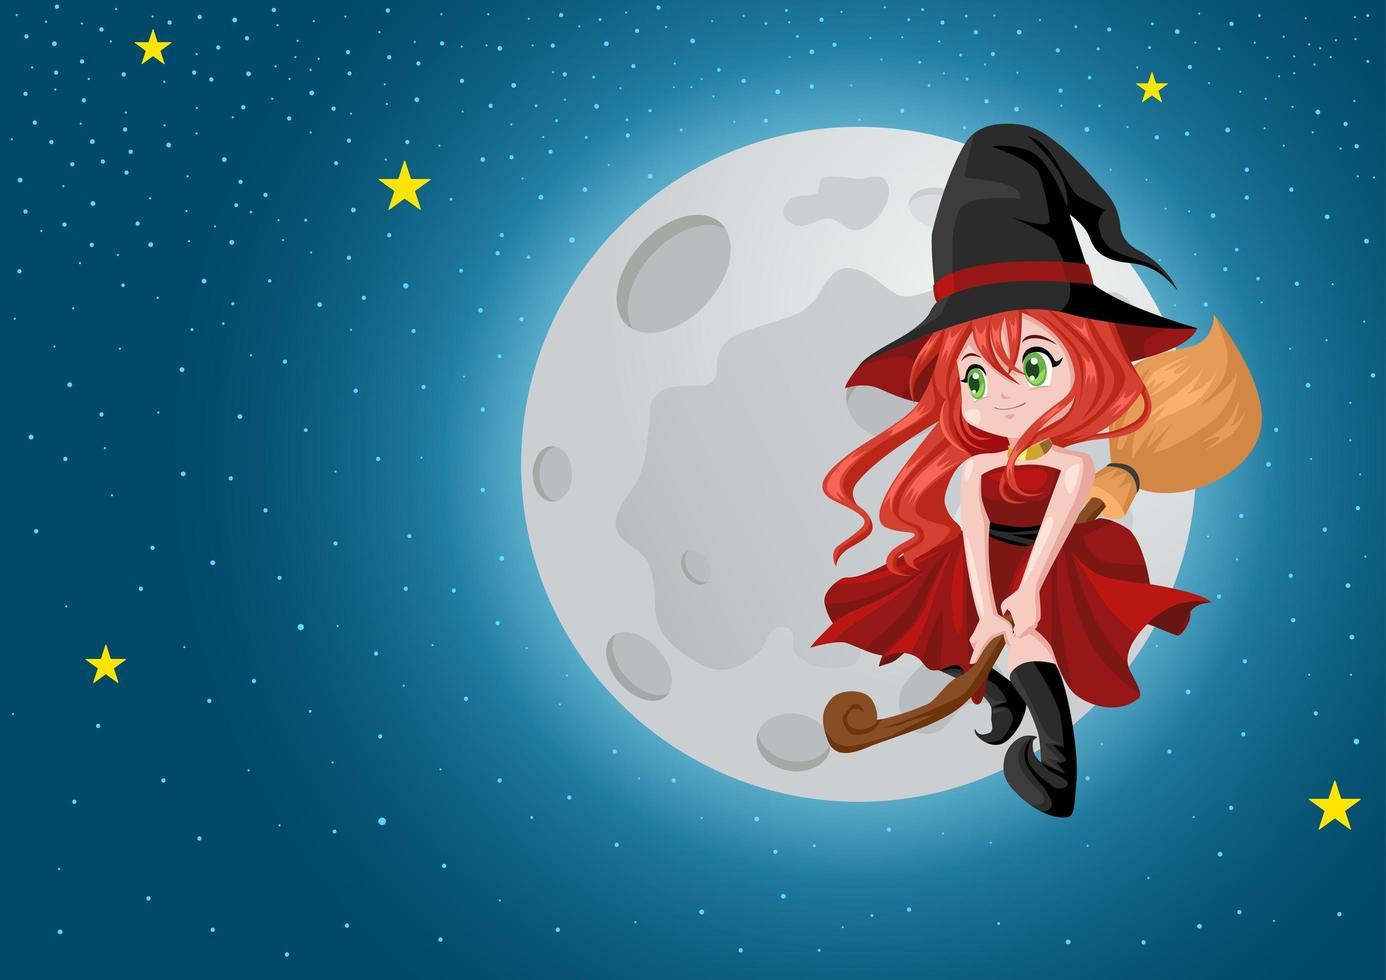 schöne Hexe auf Besen am Nachthimmel vektor